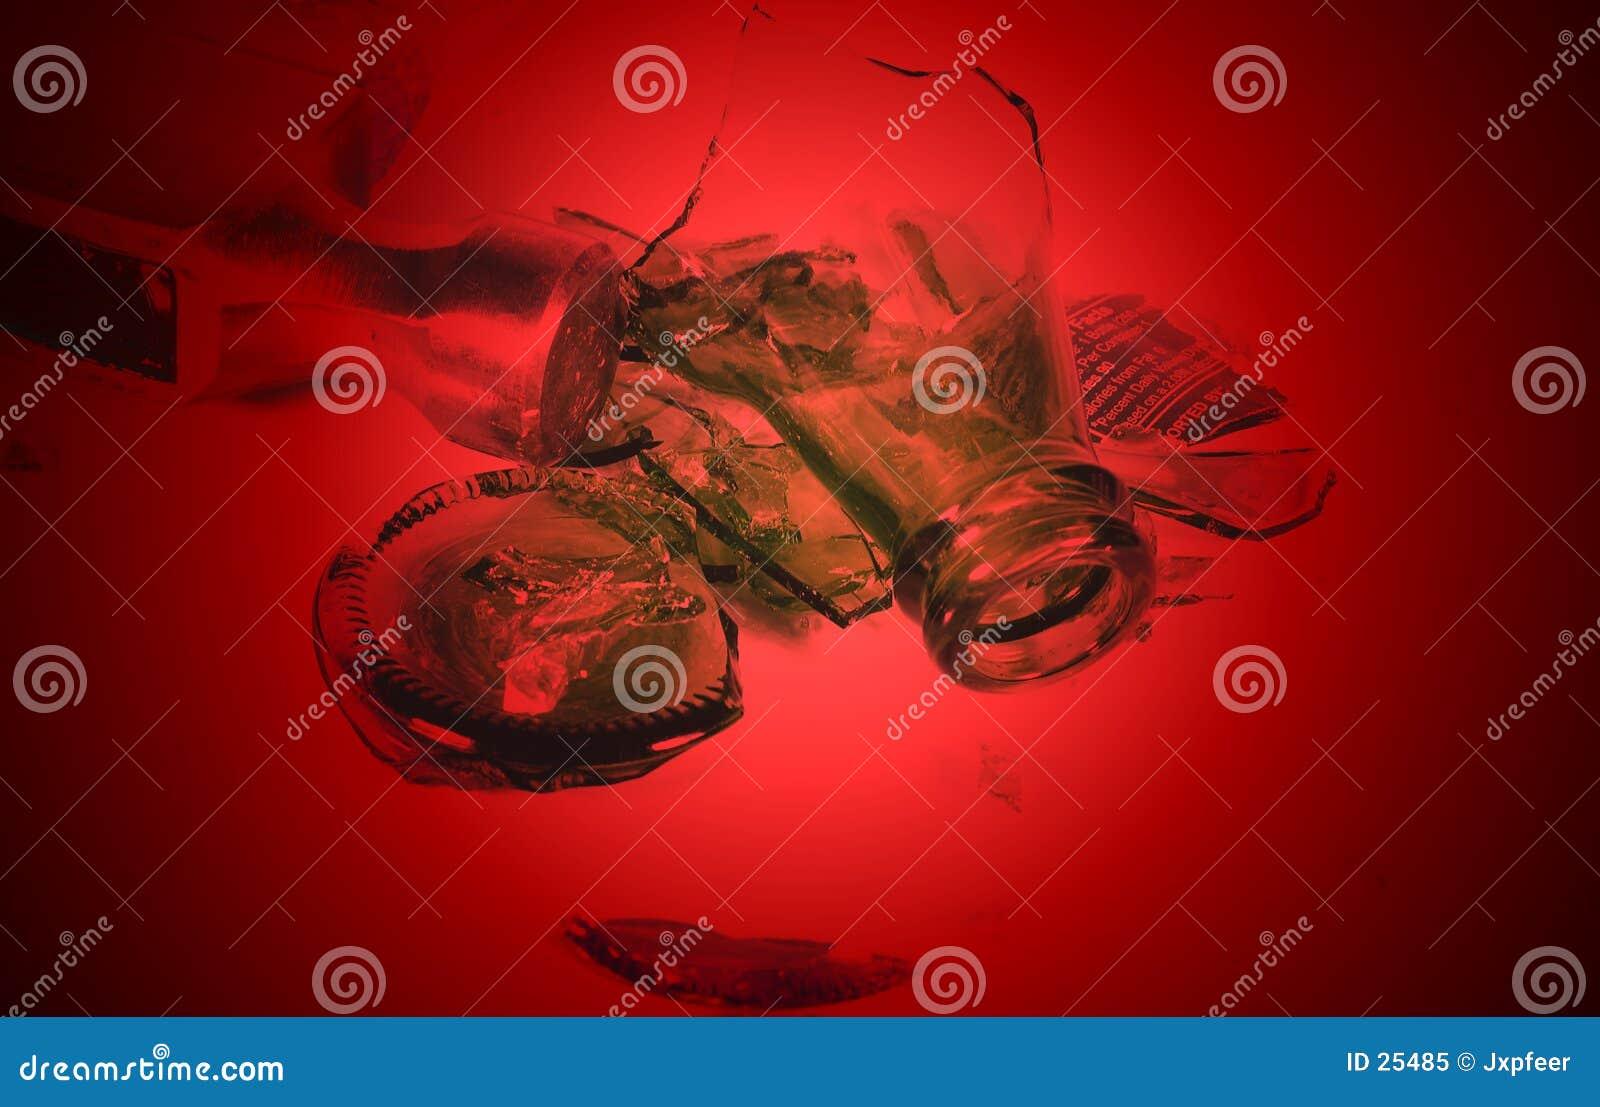 Vetro con il martello, getto di colore rosso